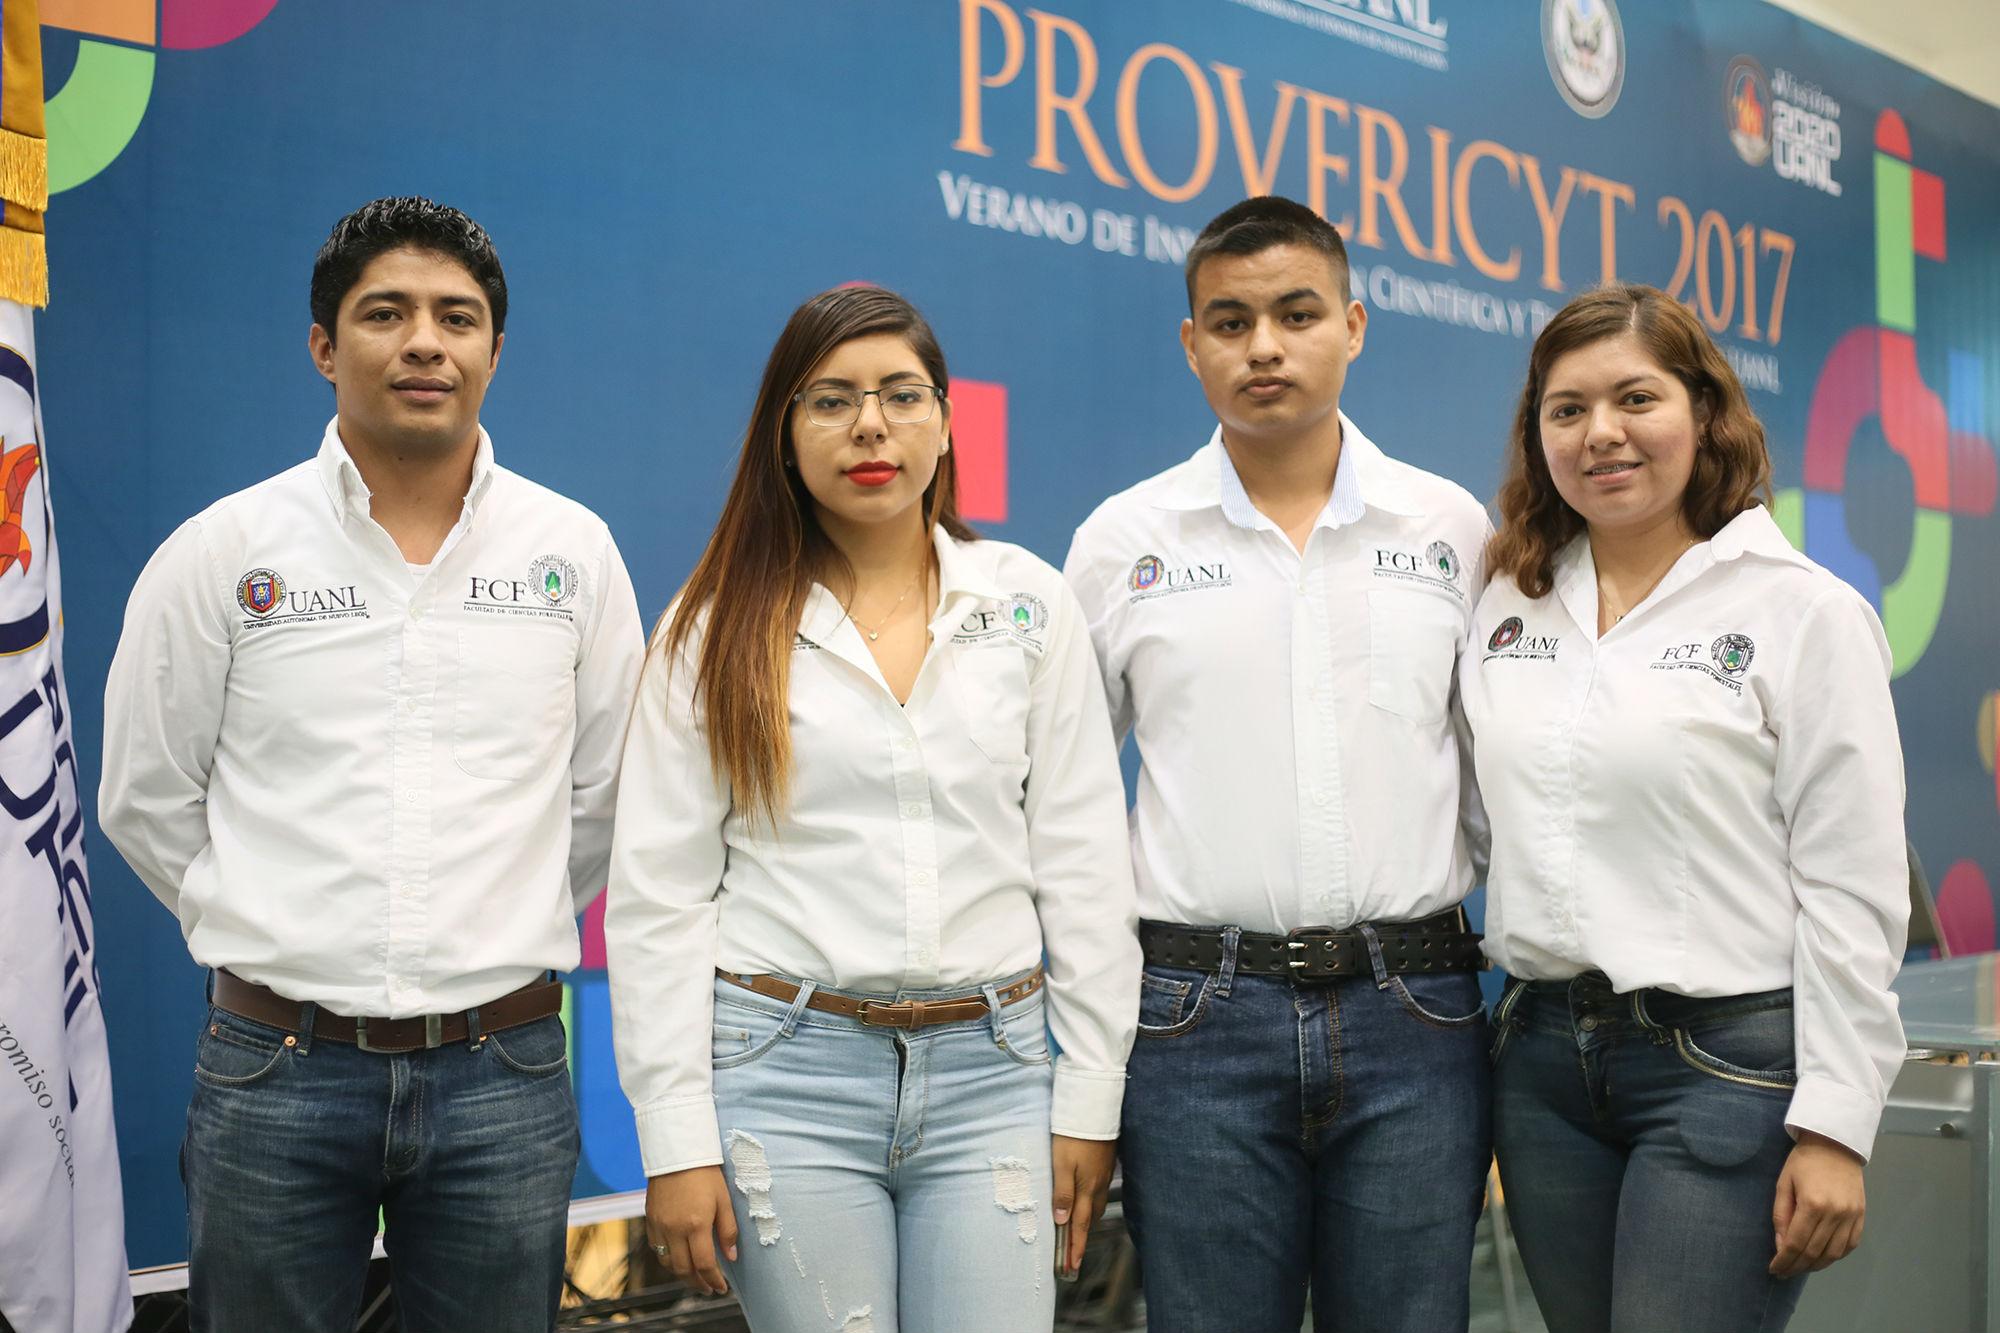 Estudiantes de la Facultad de Ciencias Forestales de la UANL